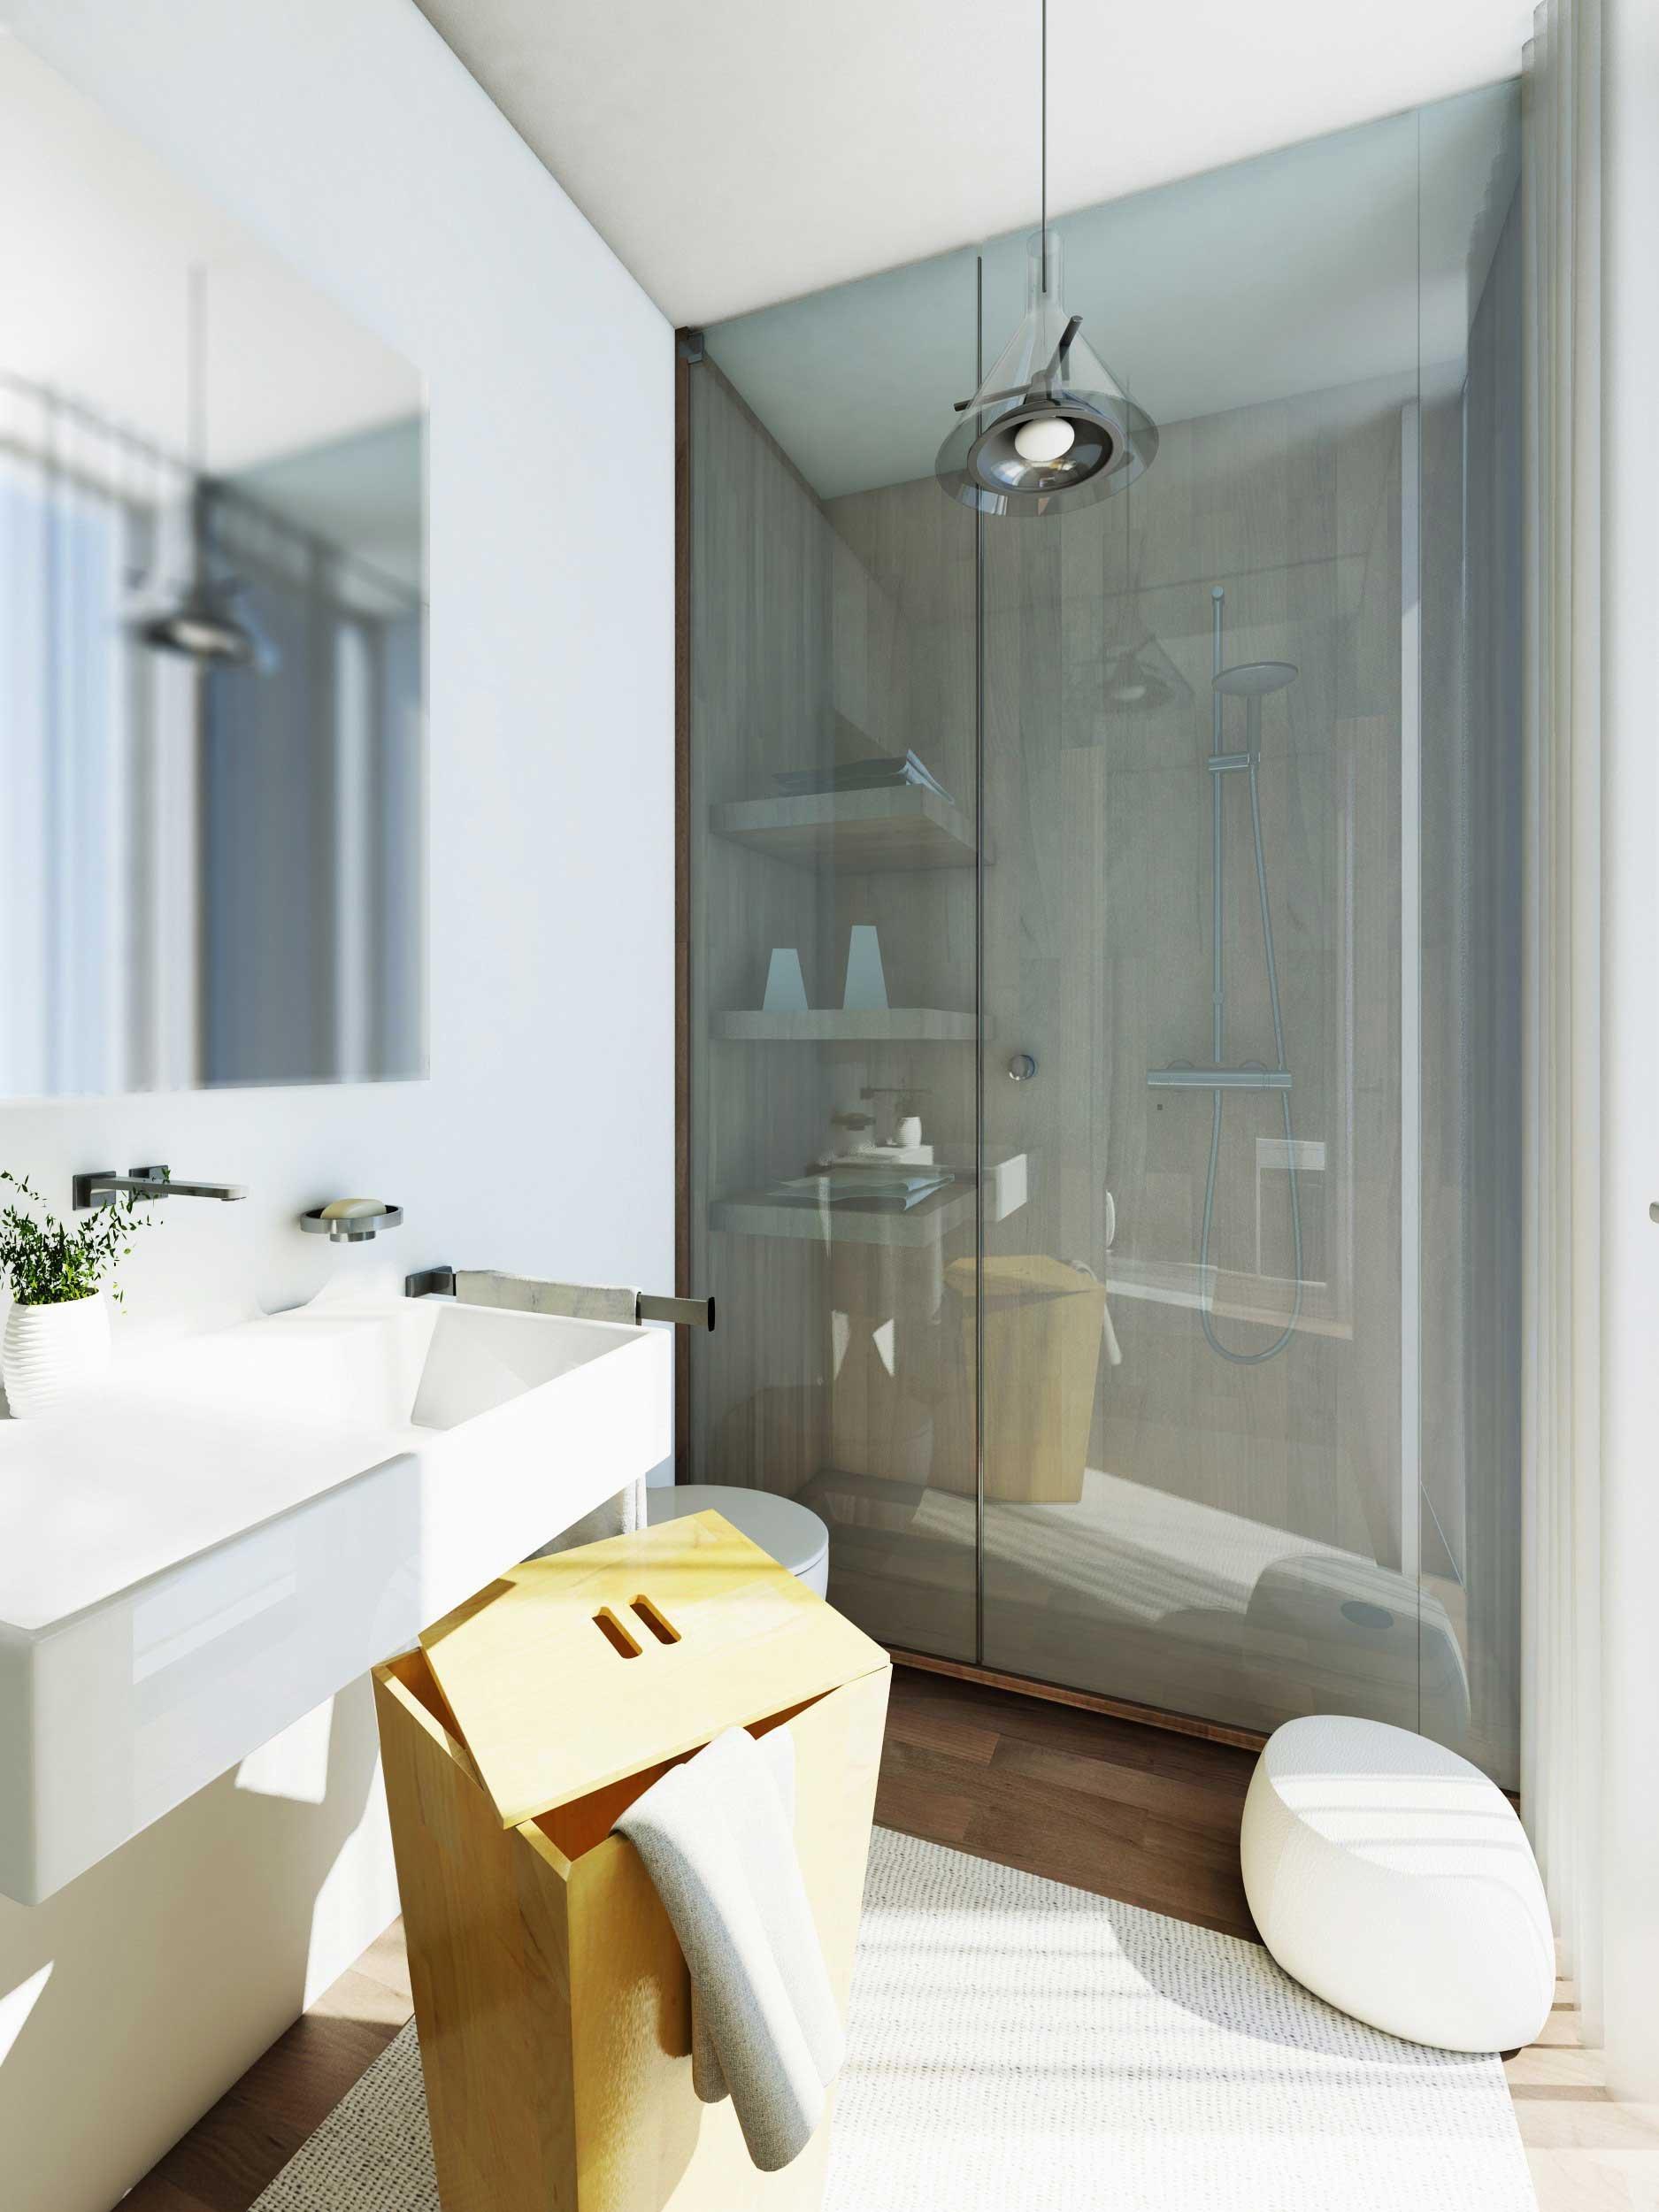 Progetti in 3d e in pianta due soluzioni alternative per - Scaldare il bagno elettricamente ...